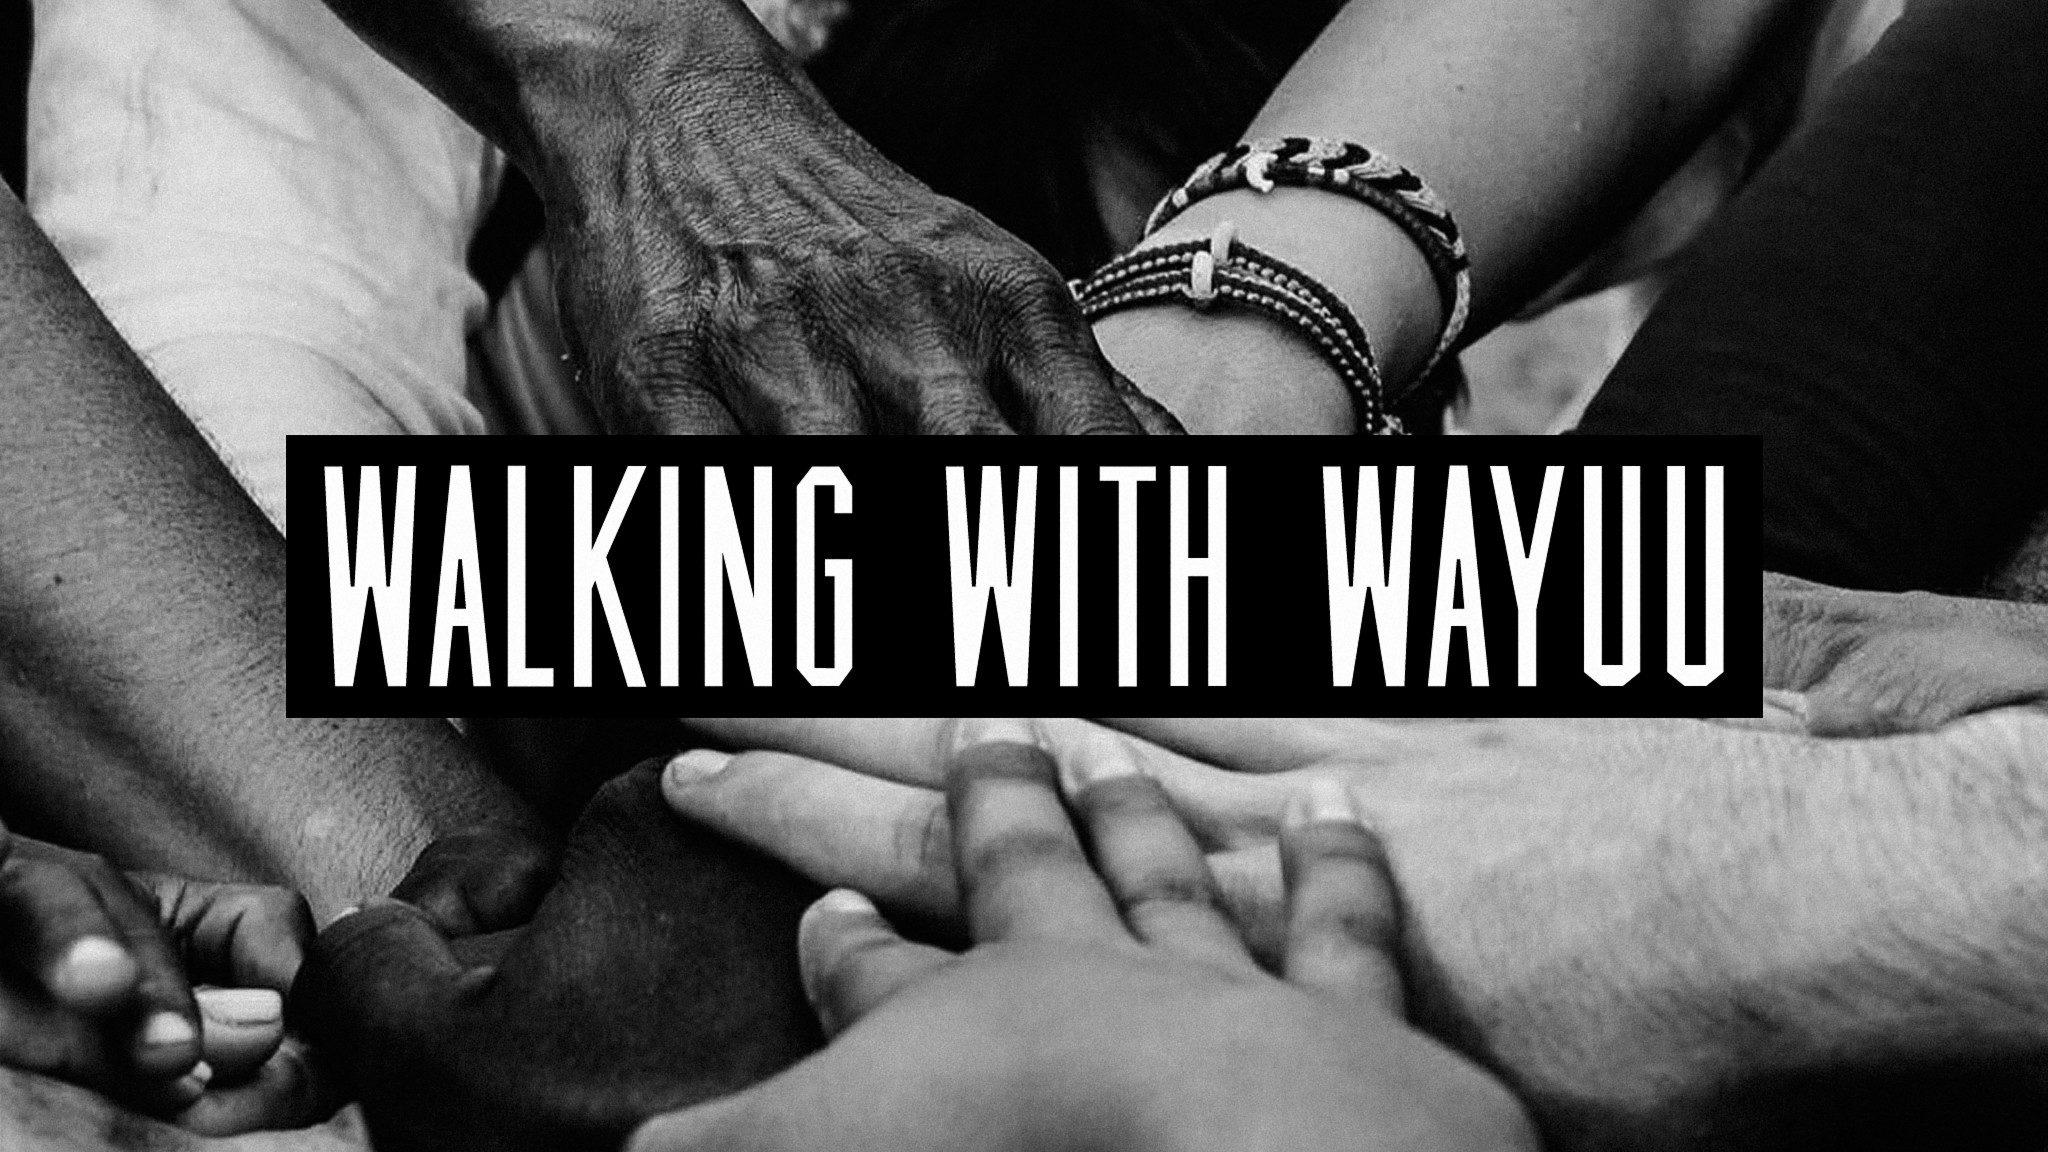 Walking With Wayuu